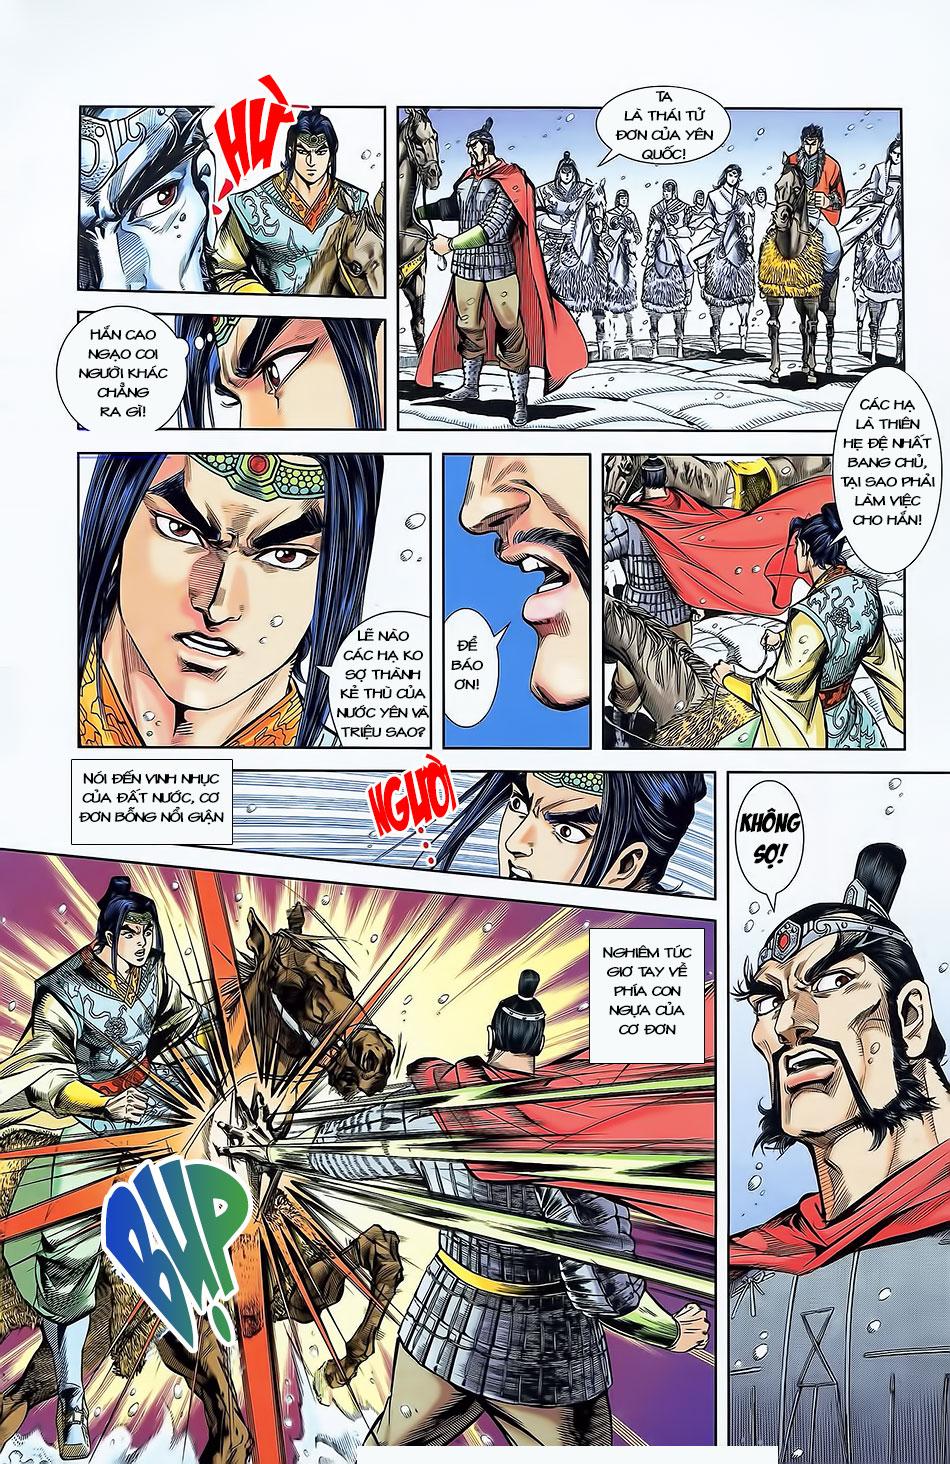 Tần Vương Doanh Chính chapter 4 trang 15